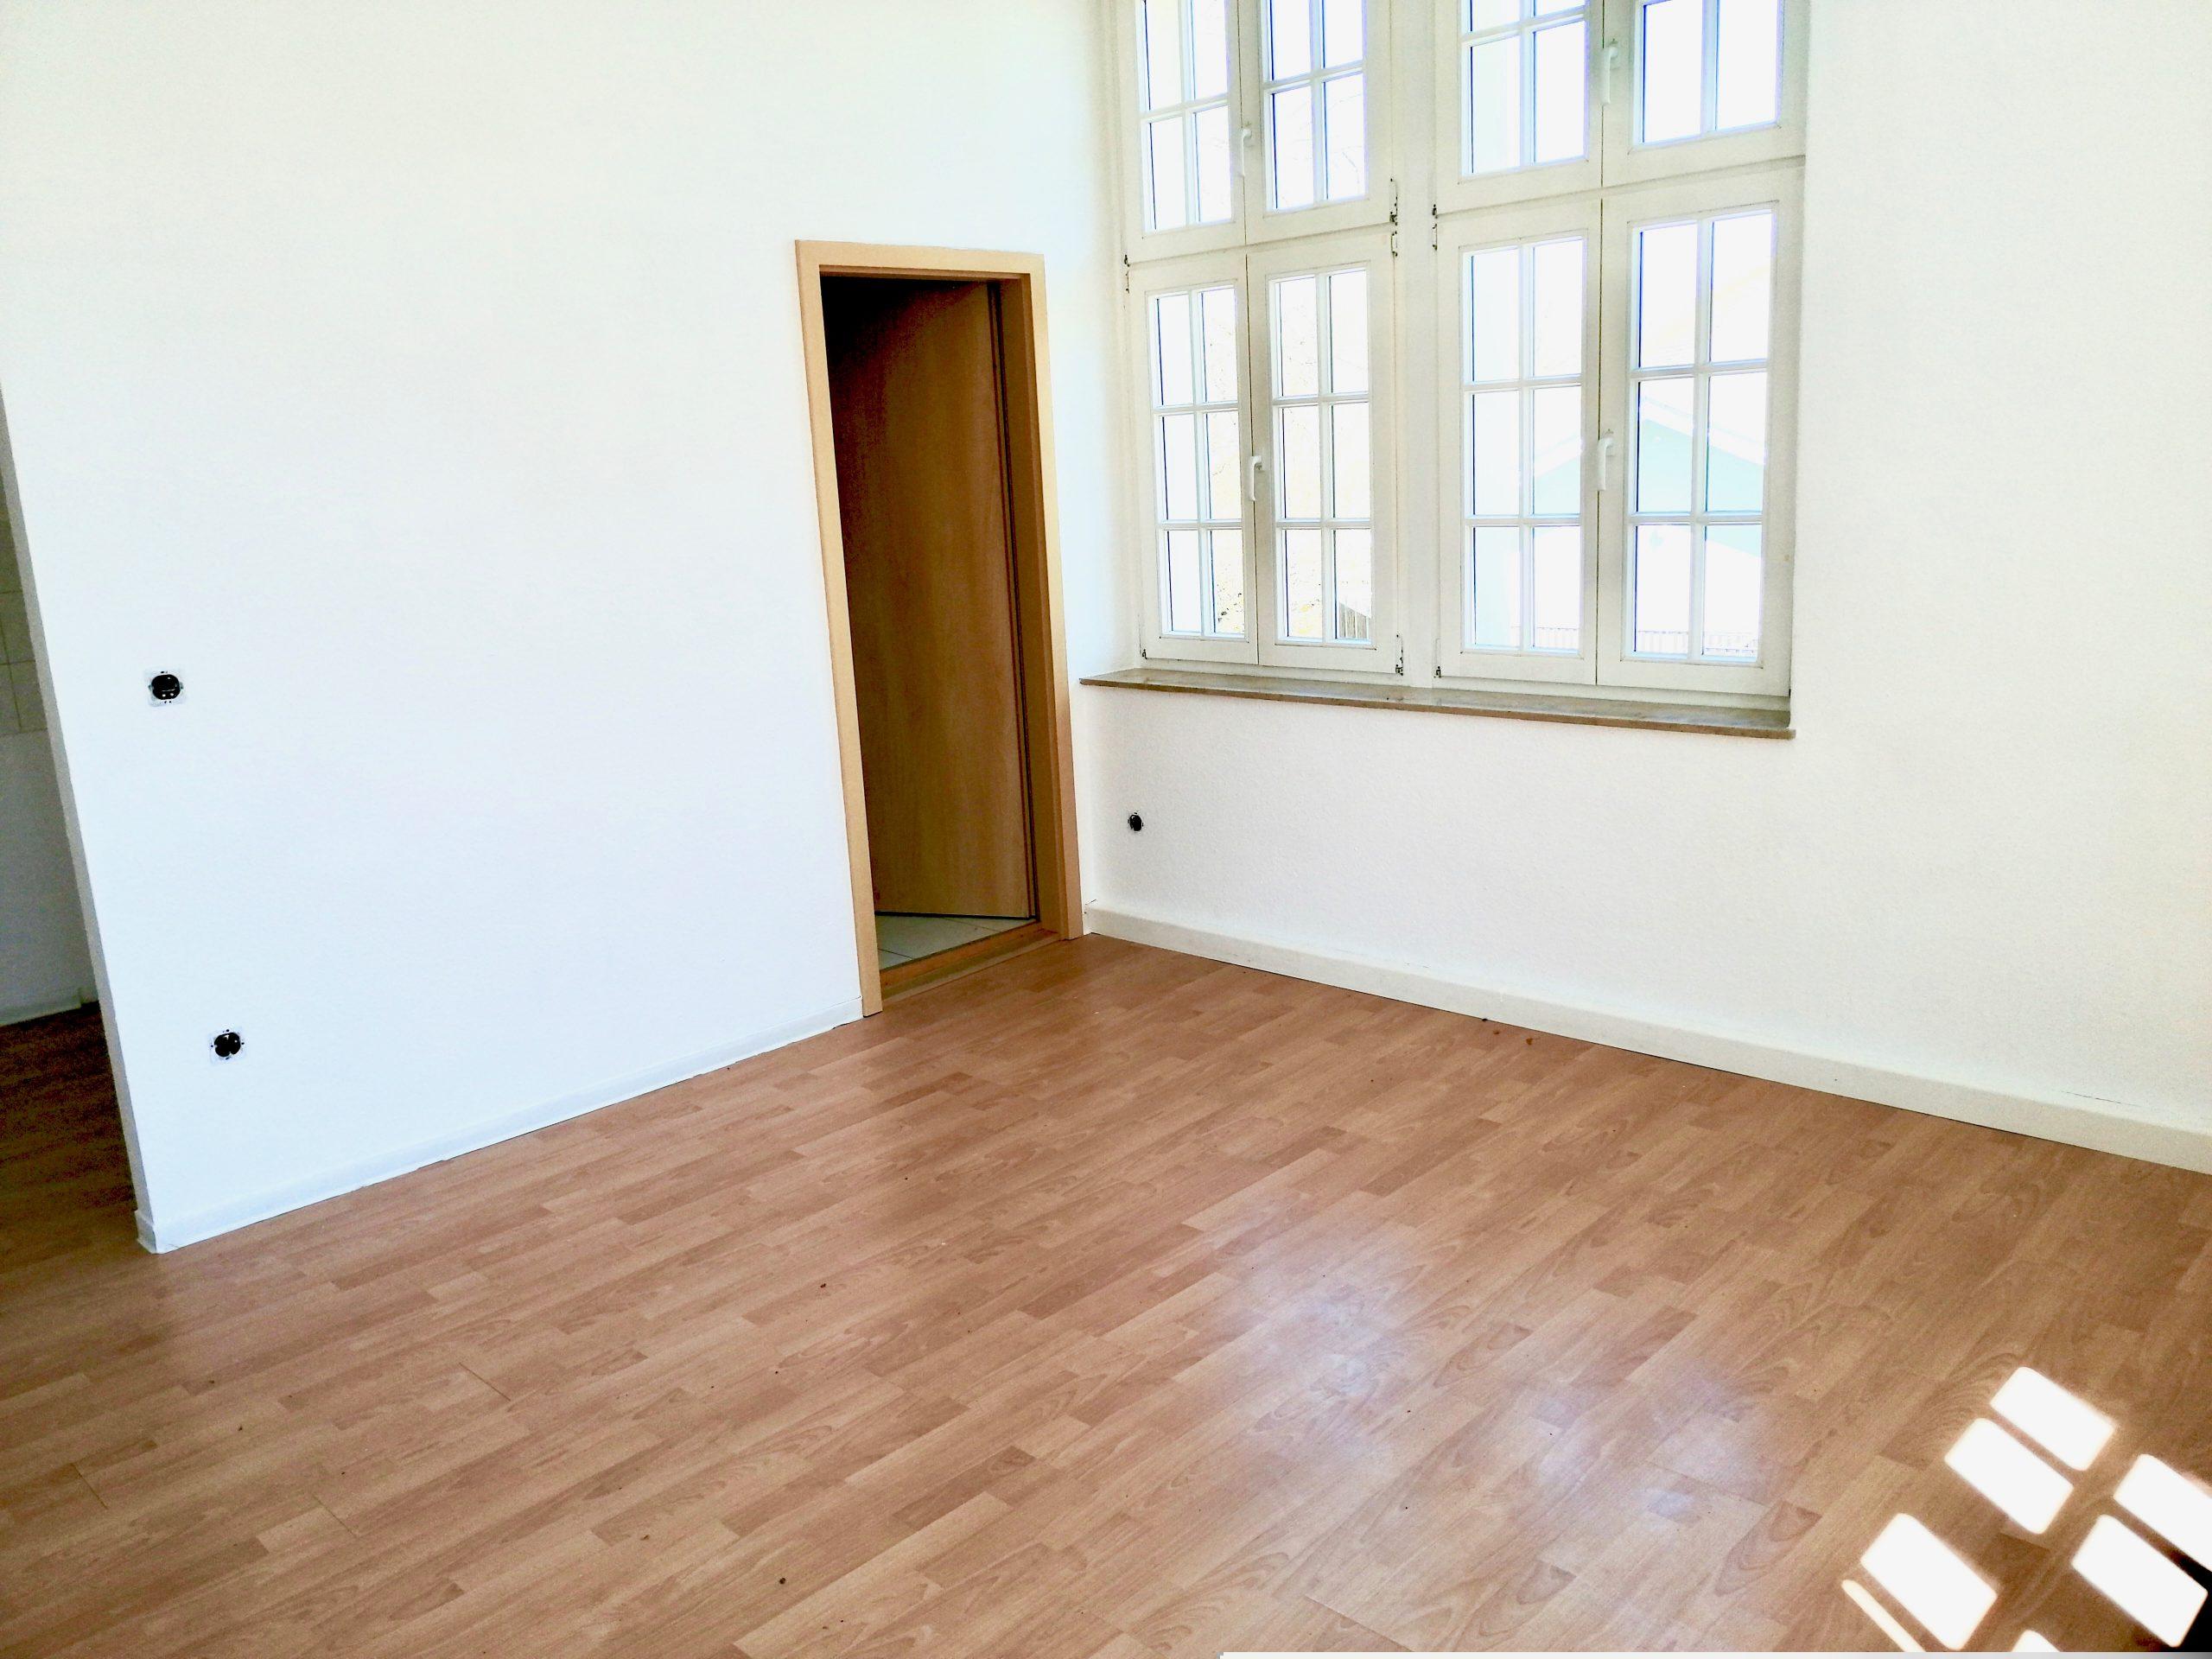 Vermietete Wohnung mit 5,22% Rendite, saniert 2000